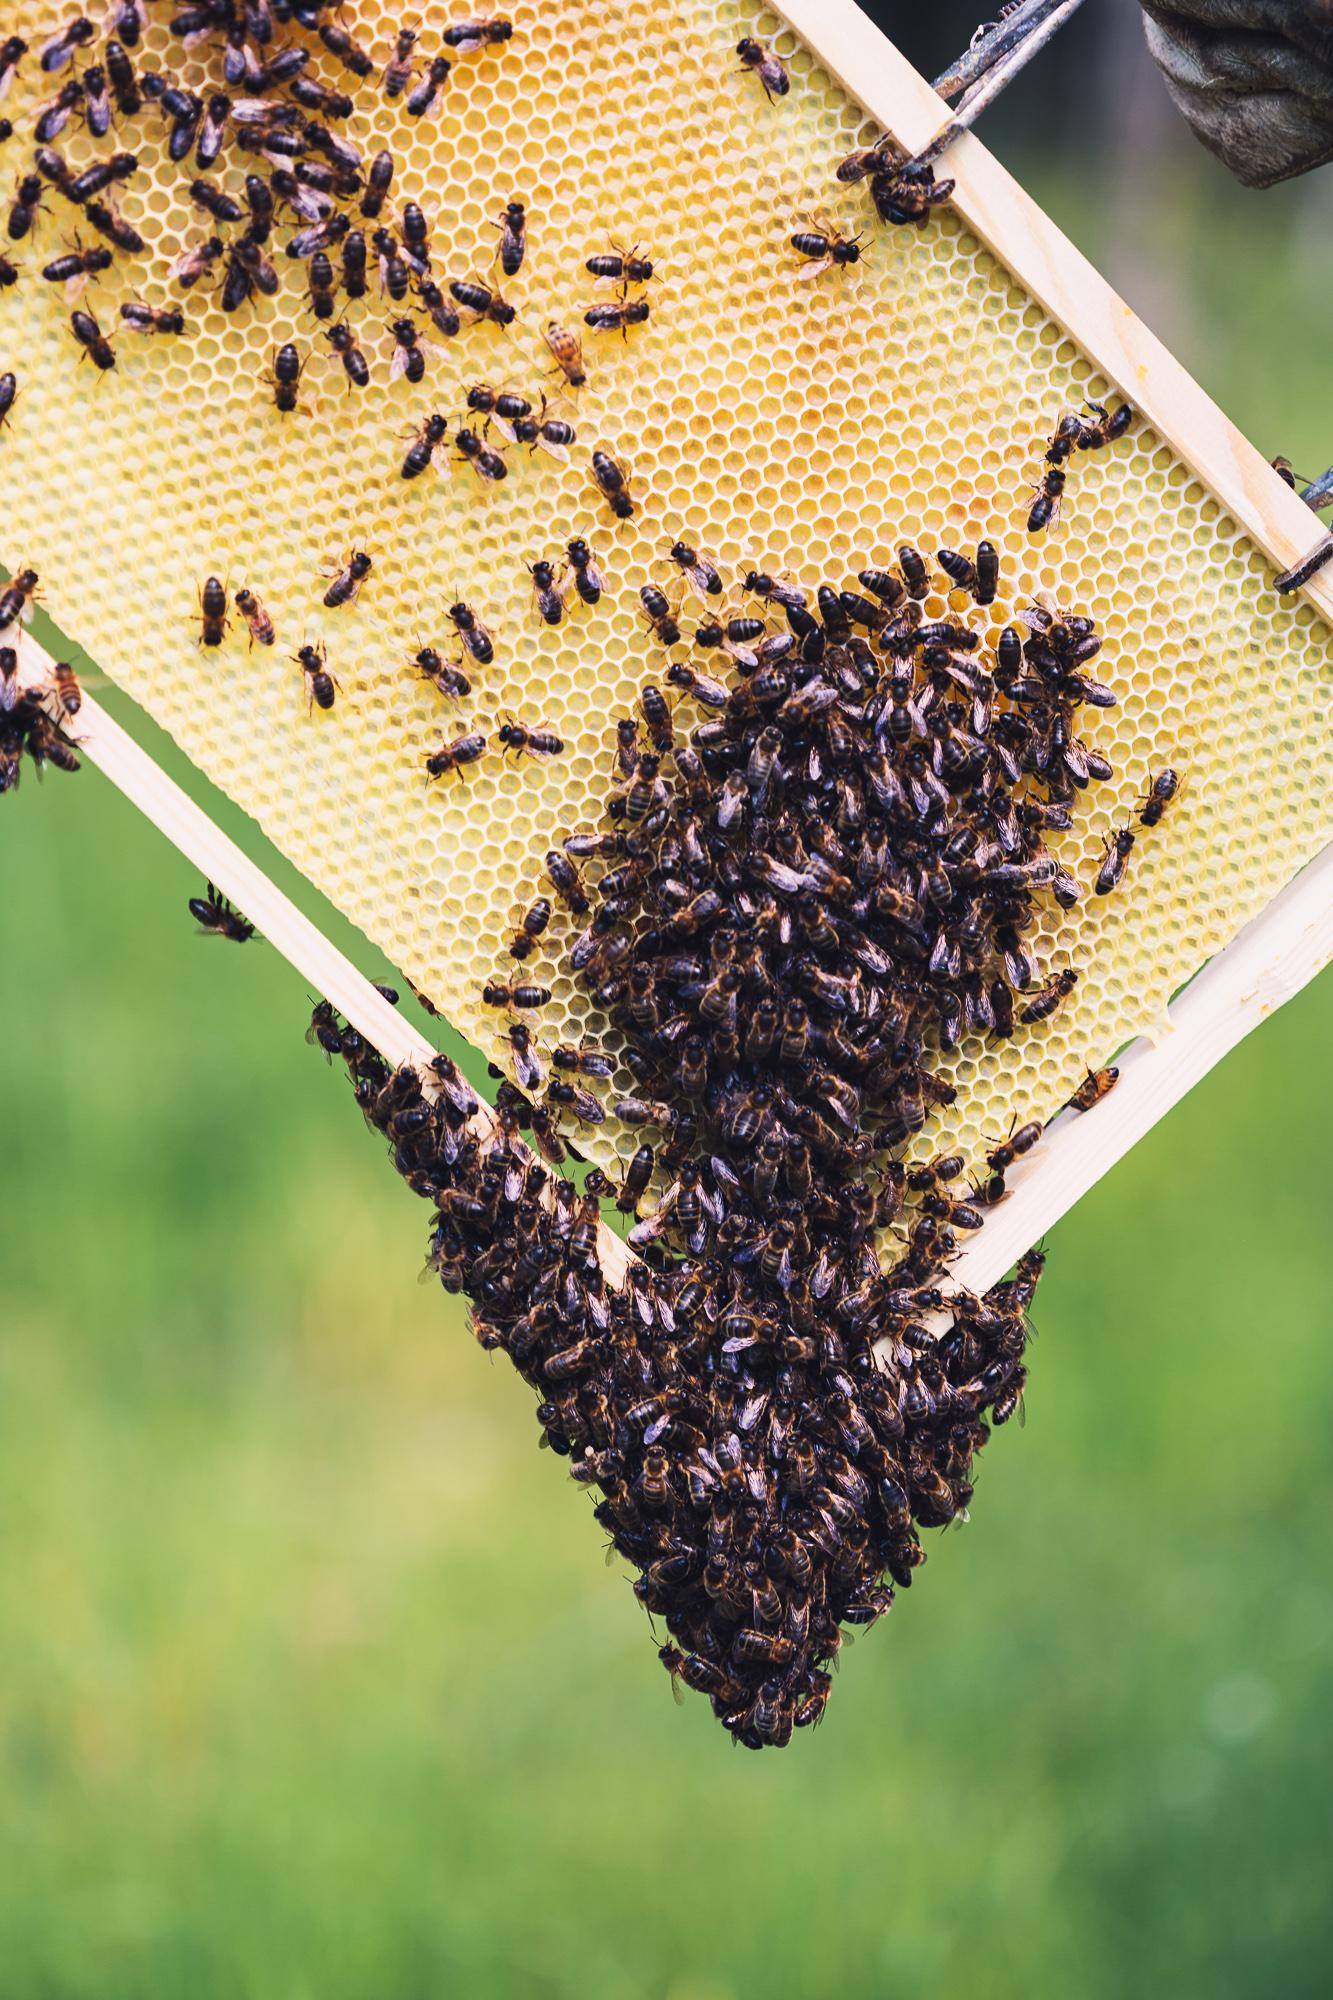 bin som kryper ovanpå varann och bildar högar